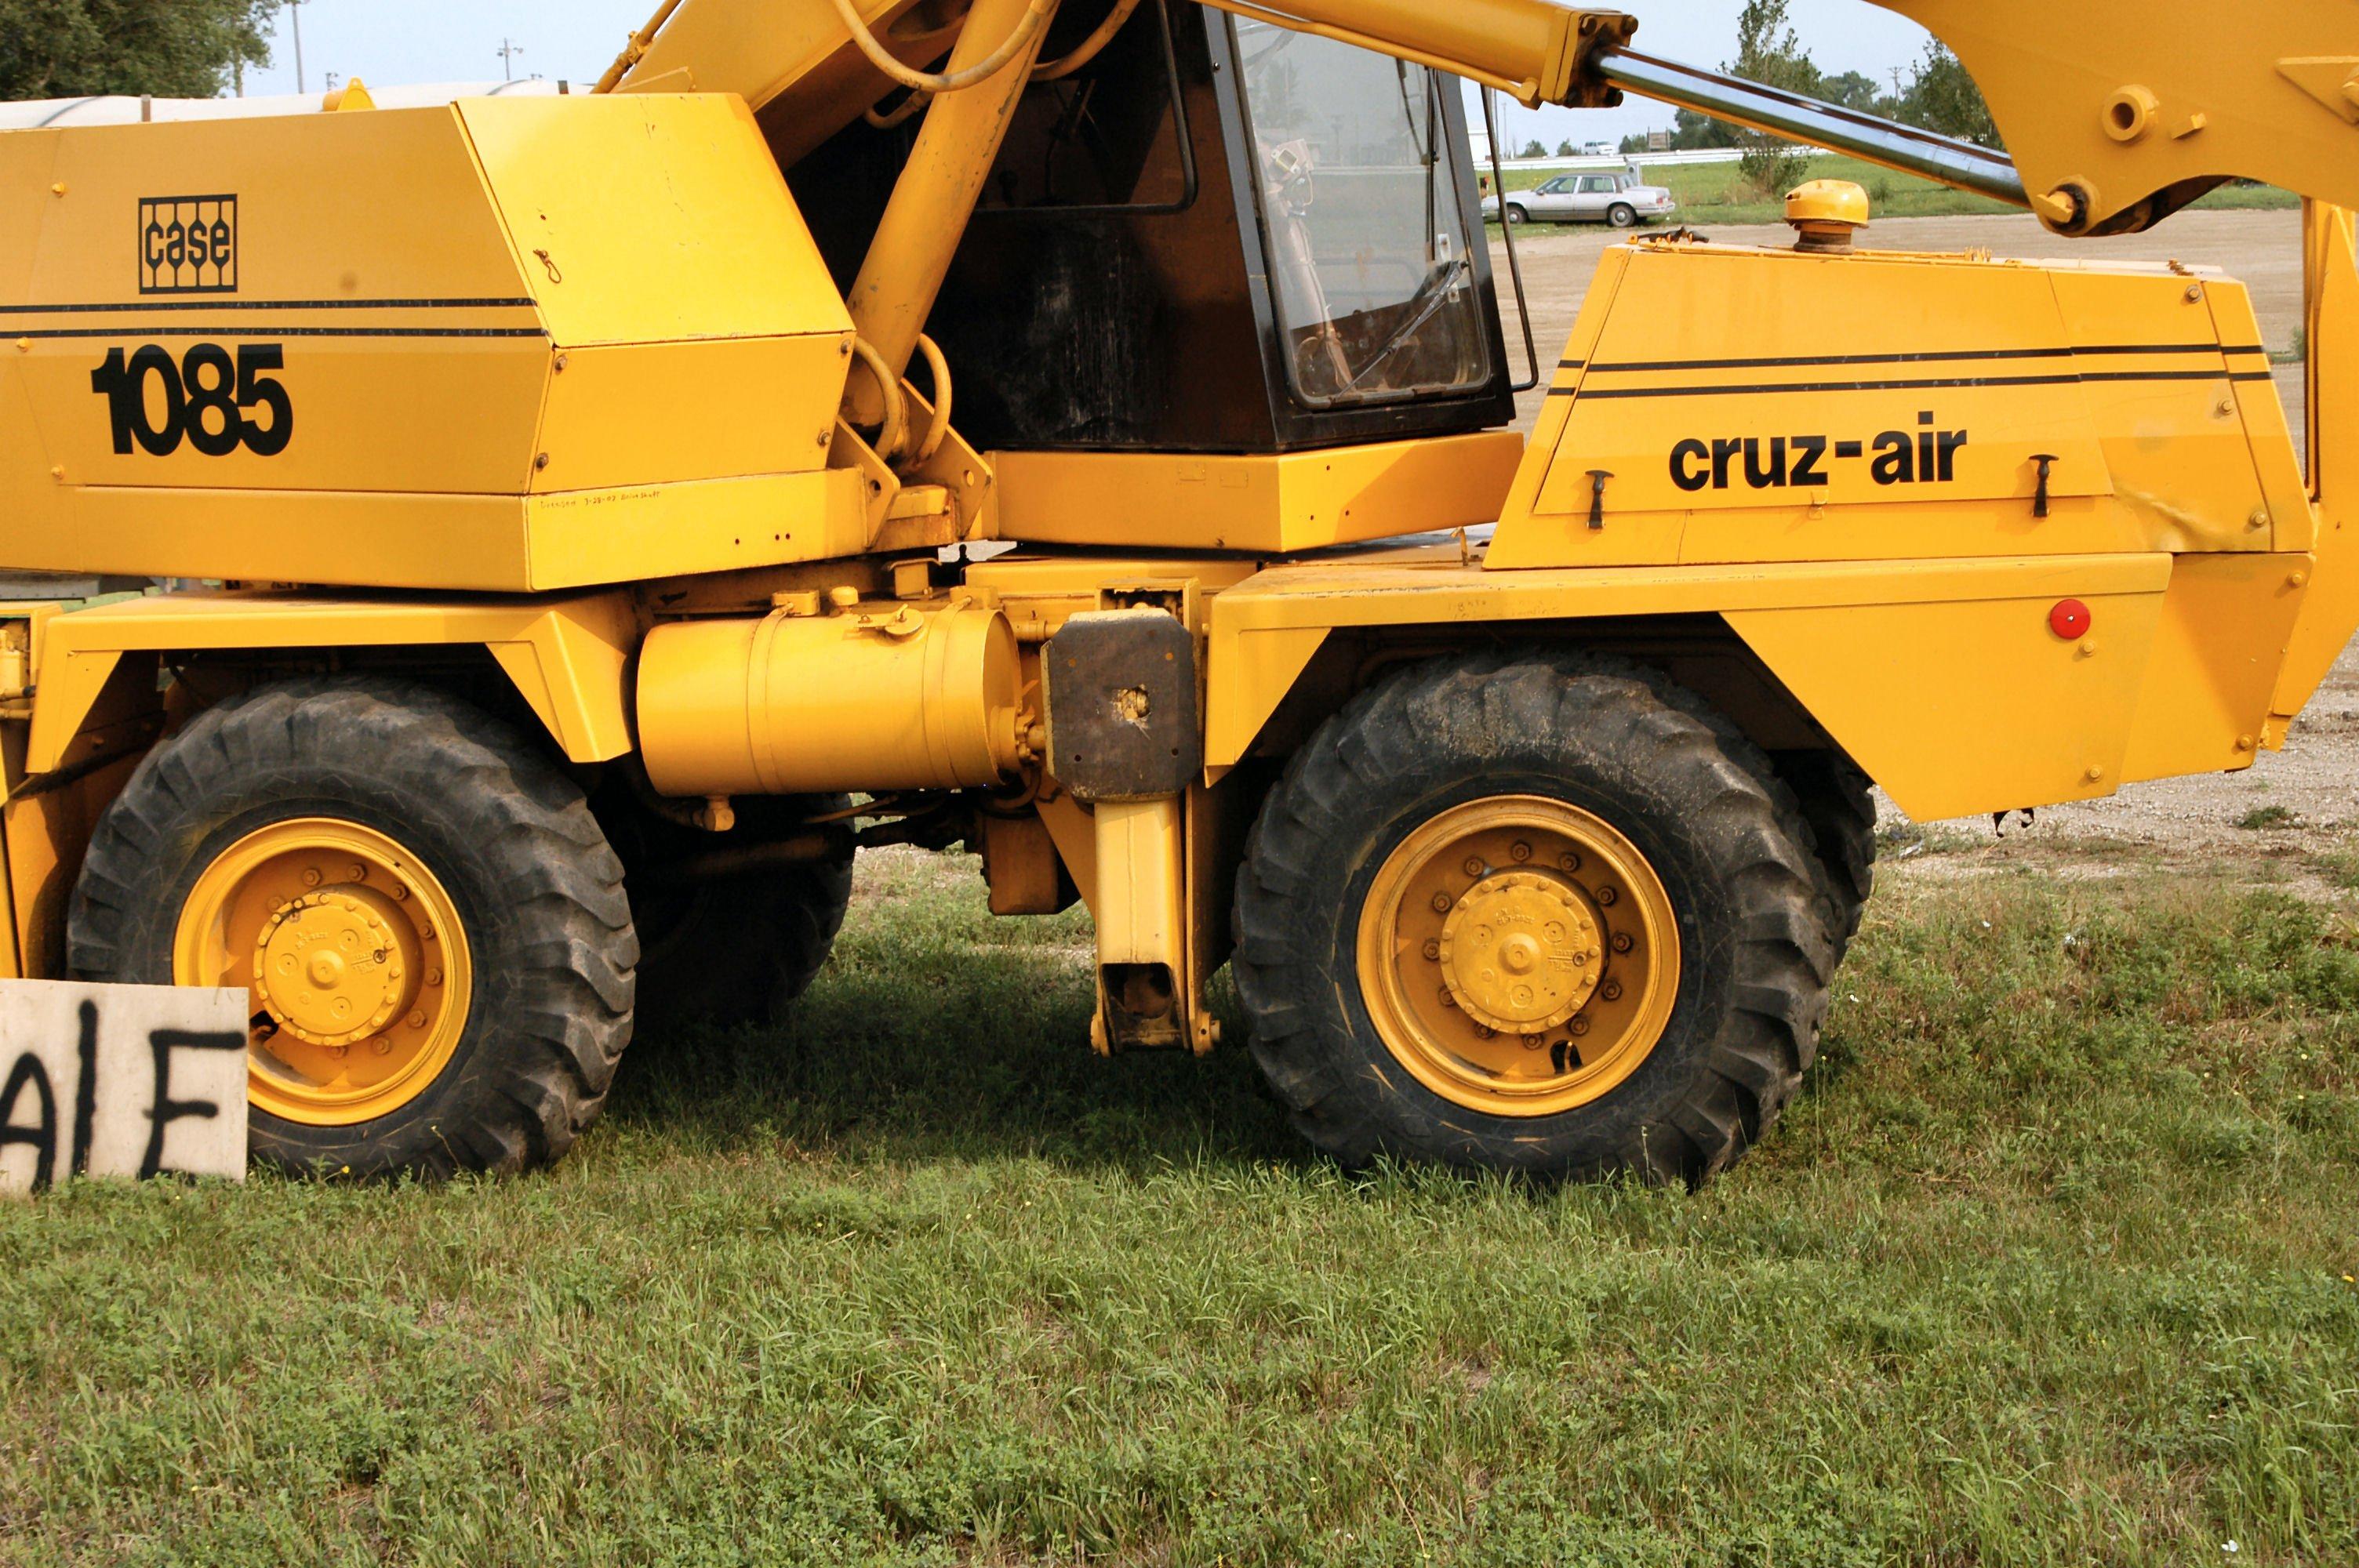 ... Case 1085 Cruz-Air ...